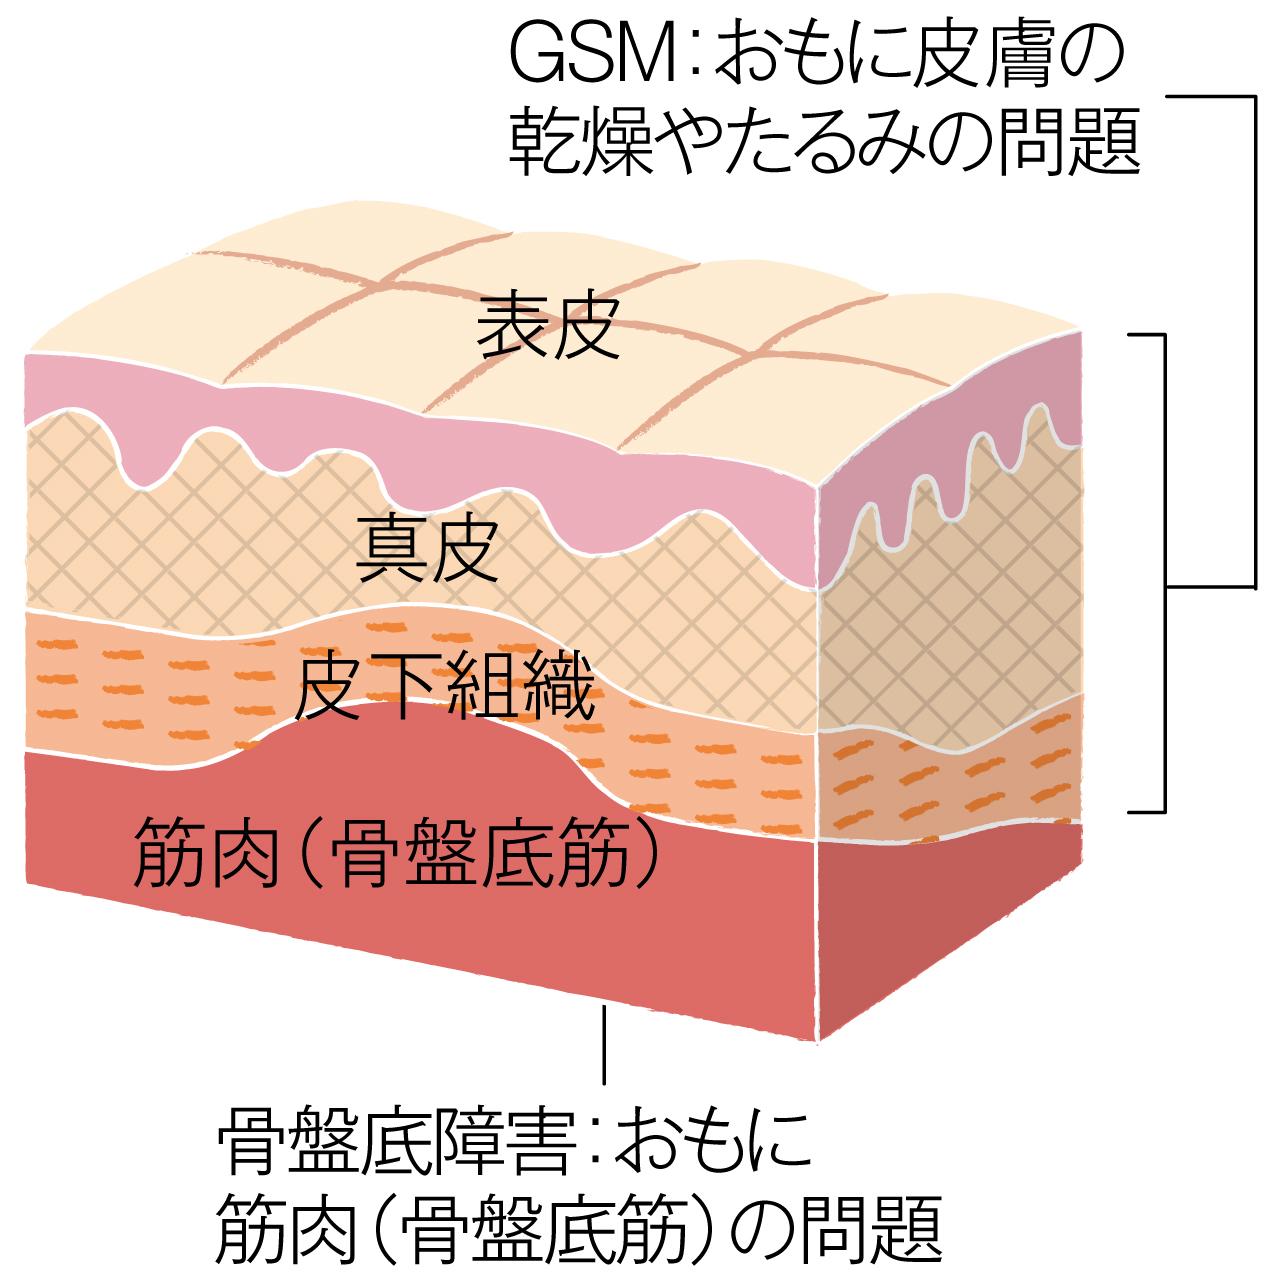 「GSM」と「骨盤底障害」発症する位置の違い(皮膚の断面図)